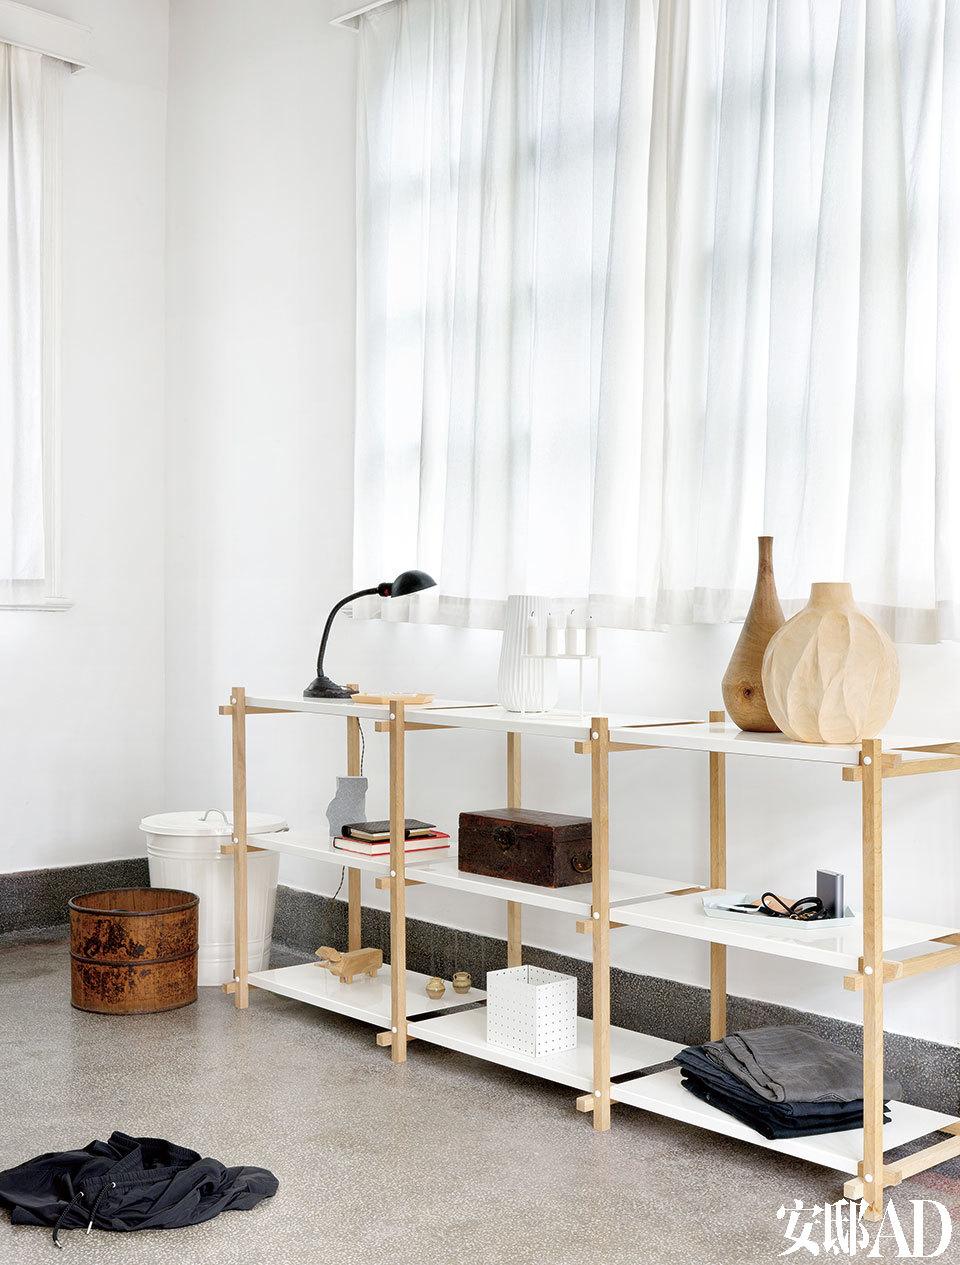 卧室的收纳功能虽然不强,这张小架子是唯一能放小物品的地方,但反而也因要保 持家里摆设简单,减低了购买欲望。